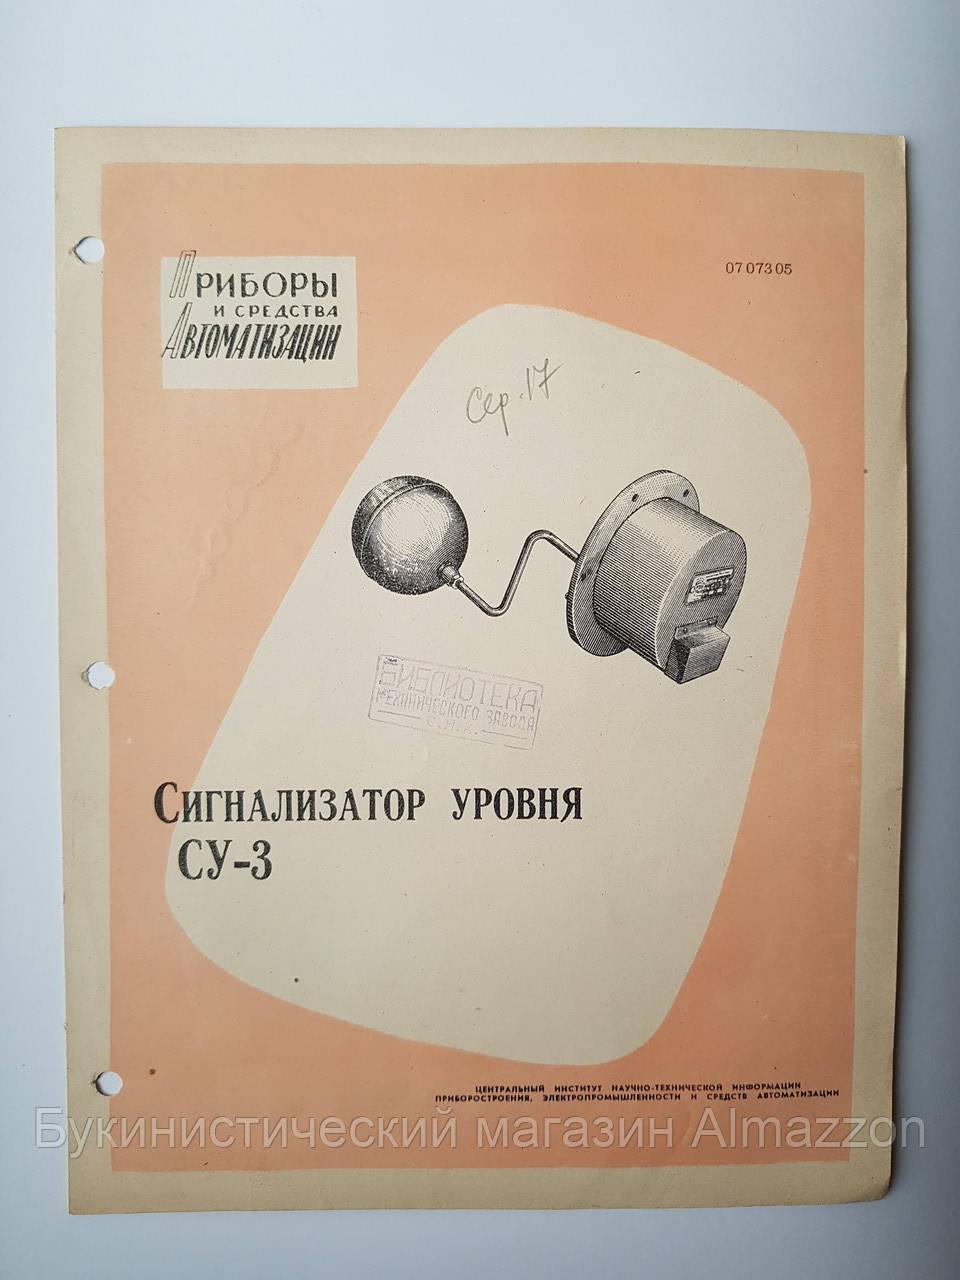 """Журнал (Бюллетень) """"Сигнализатор уровня СУ-3  07073.05"""" 1962 г."""